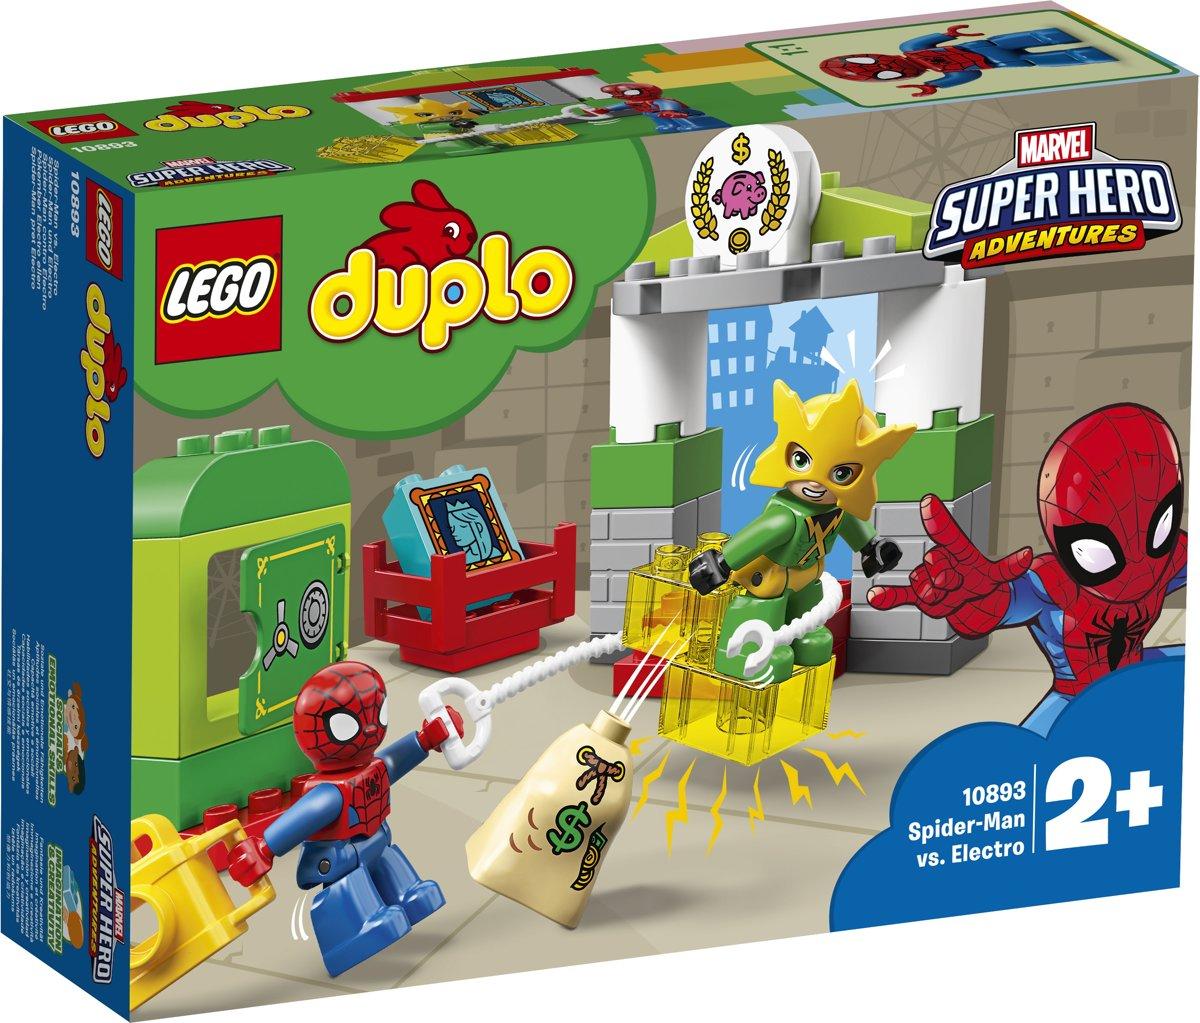 DUPLO - Spider-Man vs. Electro